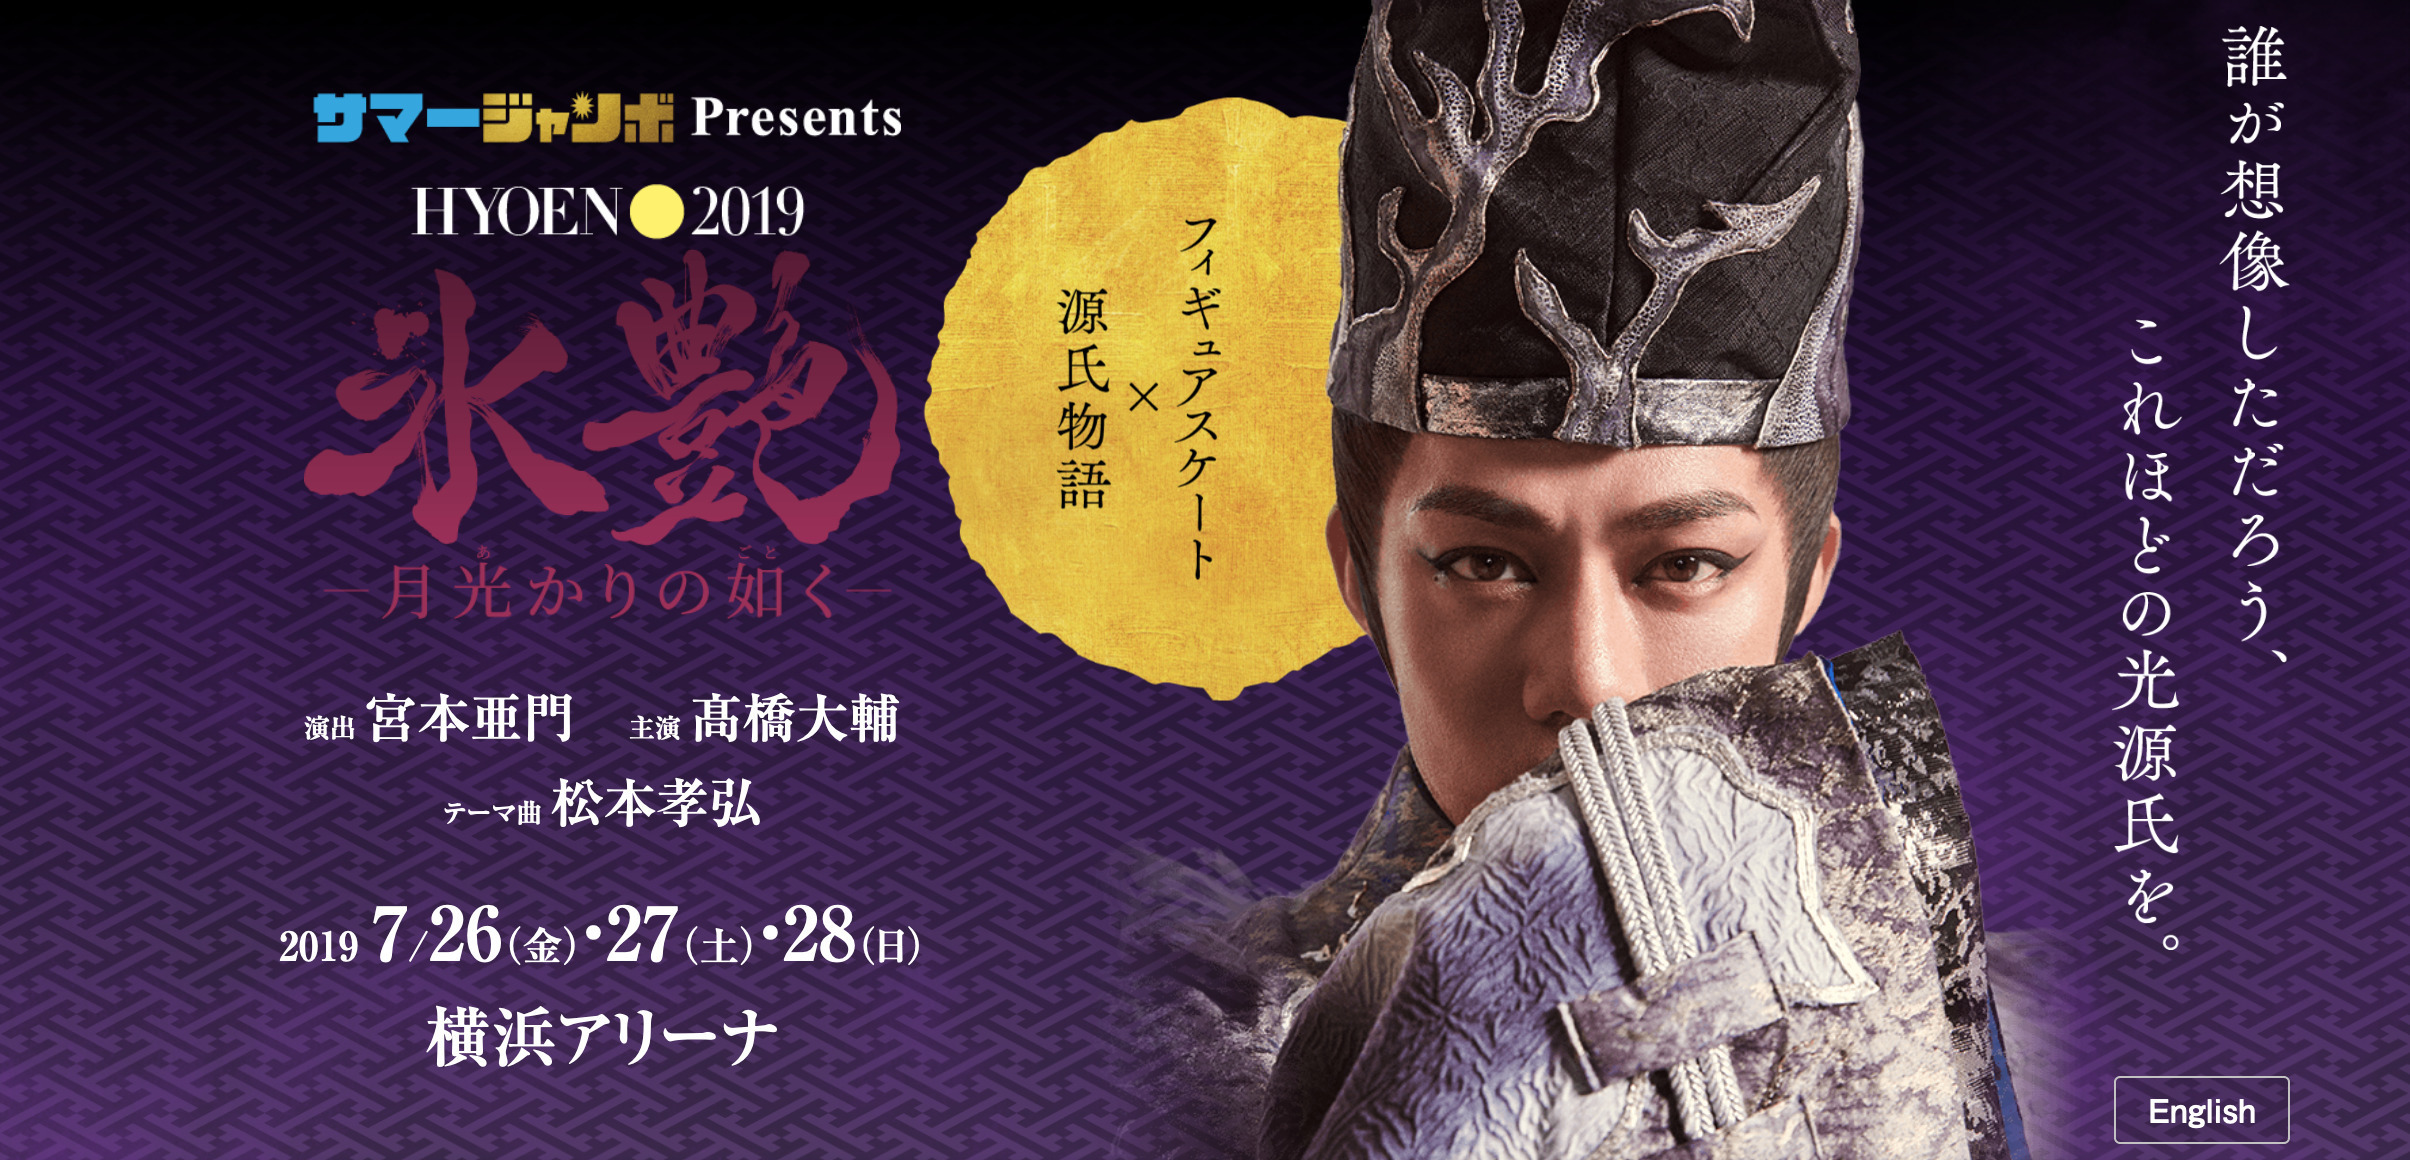 『氷艶』は7月26日(金)~28日(日)に横浜アリーナで上演。12月にその衣裳展を開催する